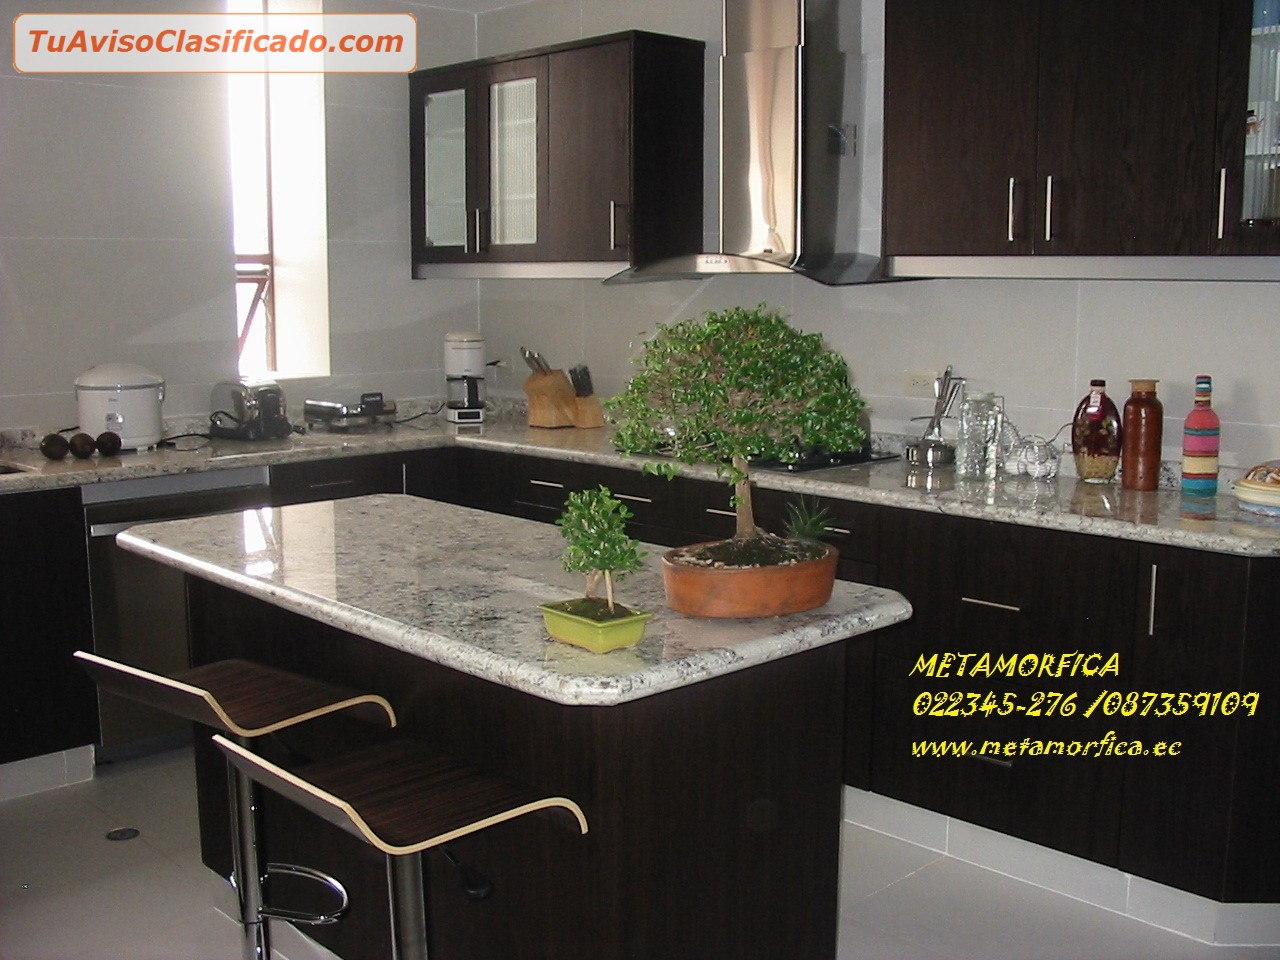 Marmoles maderas y granitos mobiliario y equipamiento for Colores marmoles cocina